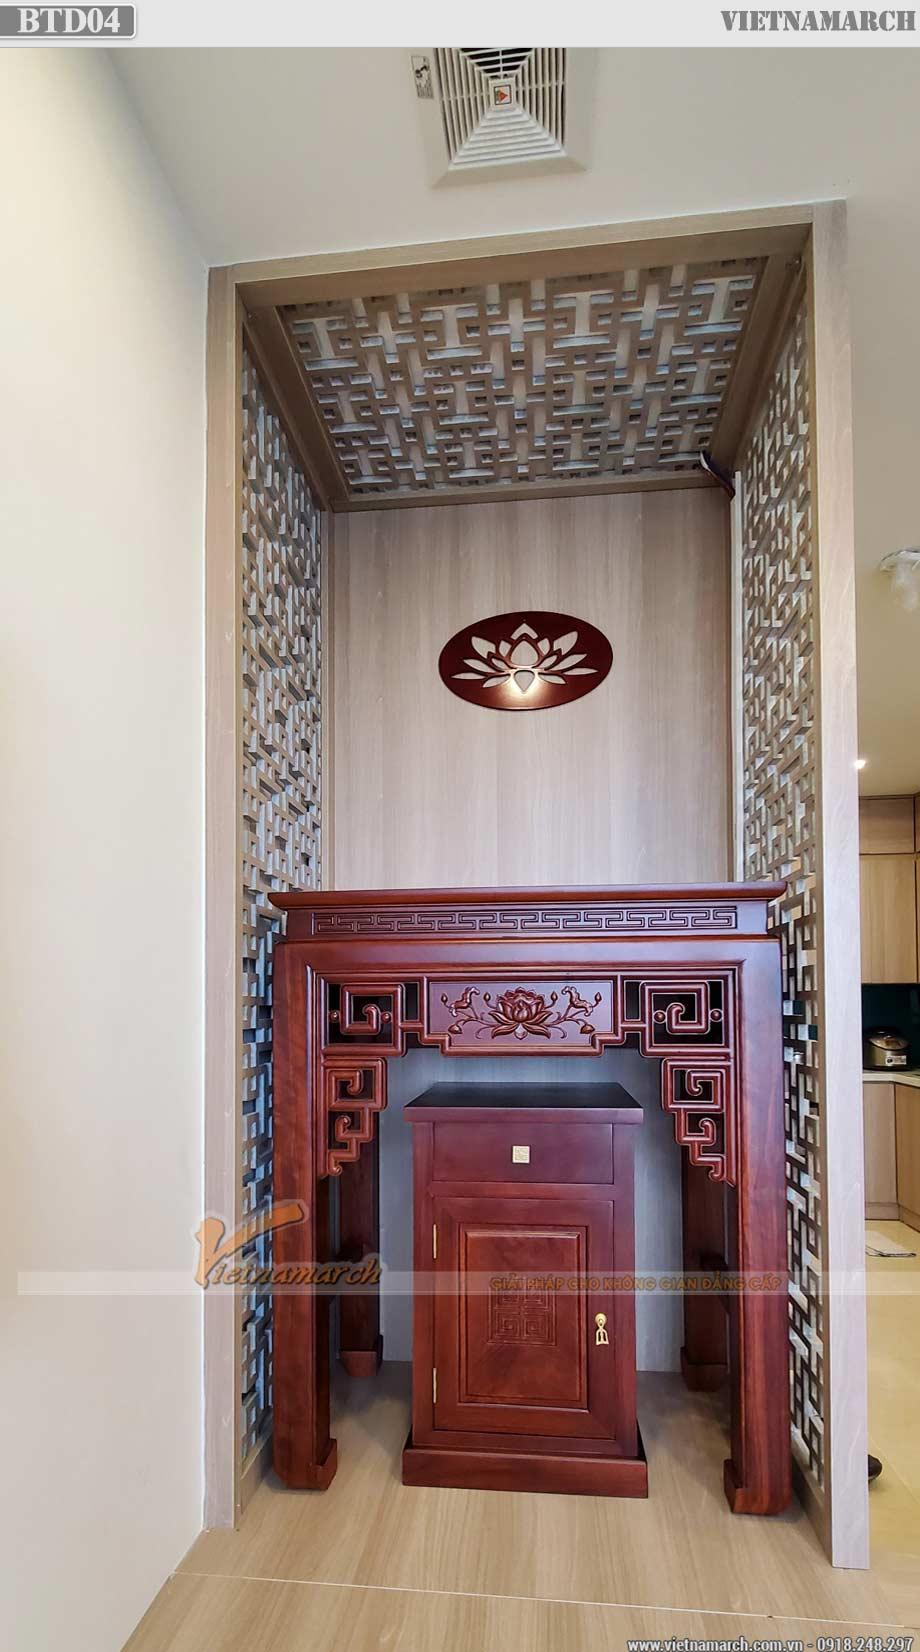 Mẫu bàn thờ đứng gỗ hương đá hiện đại